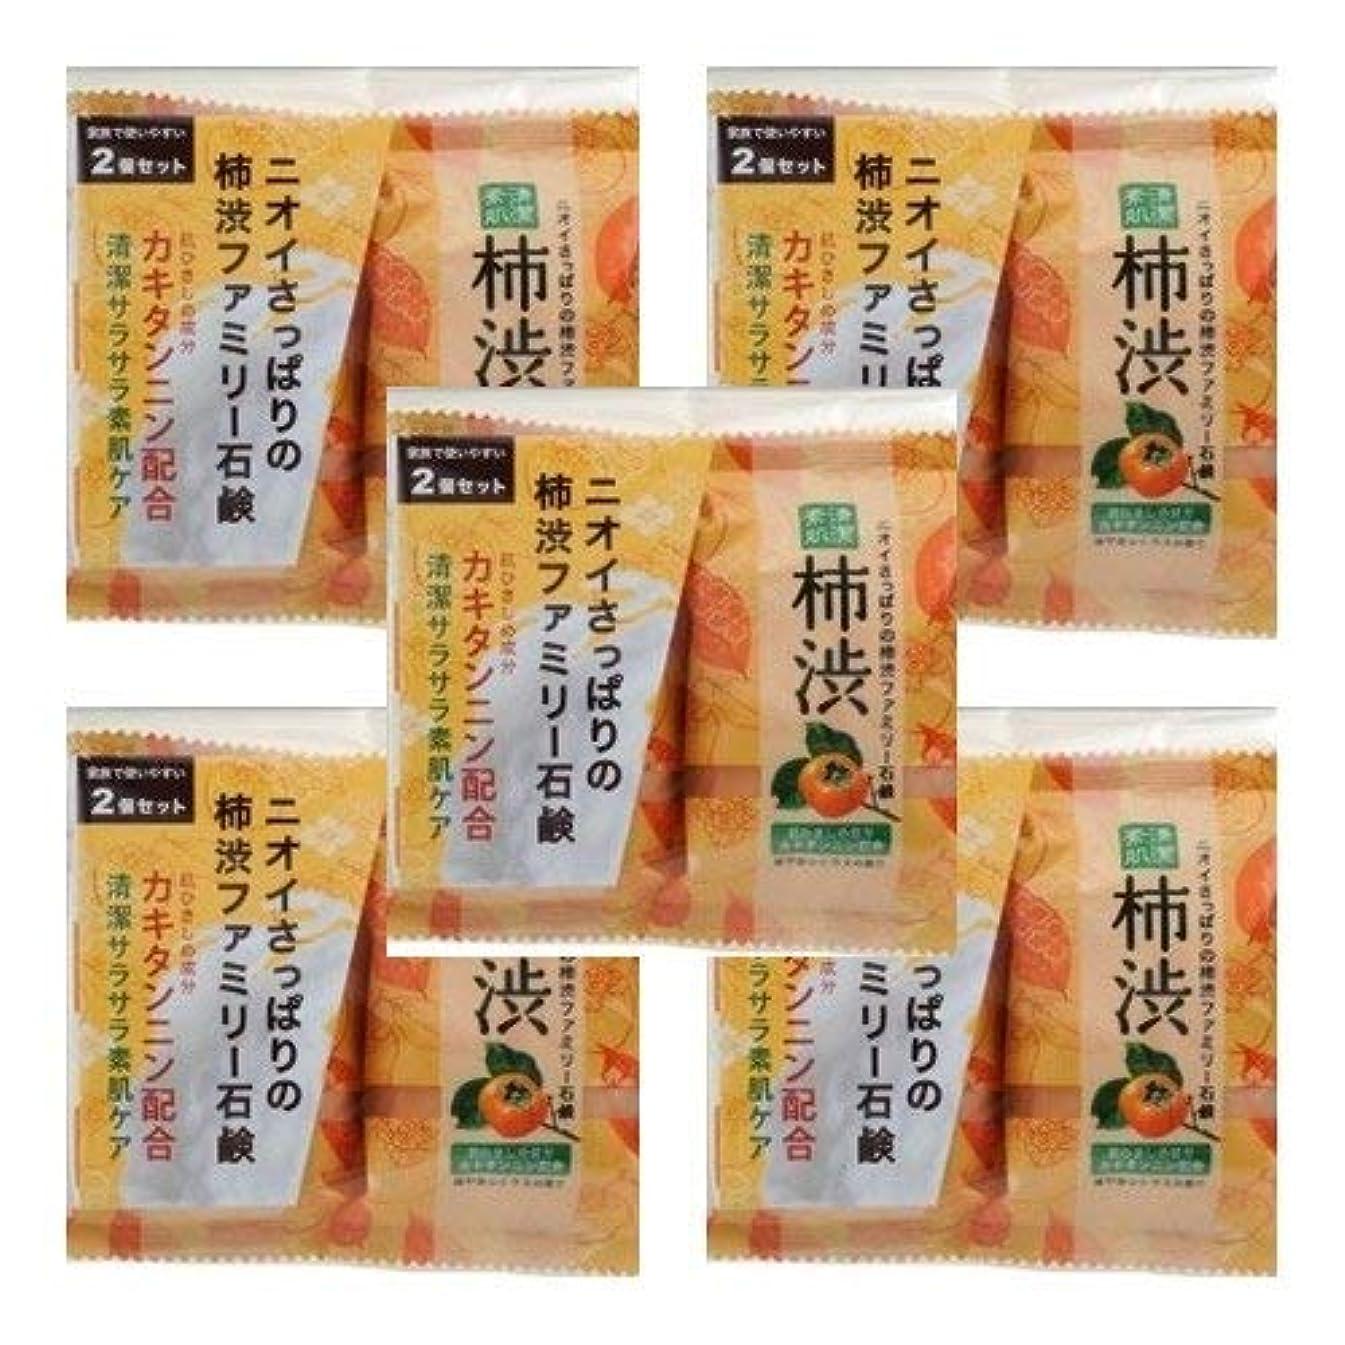 属する海峡委任するペリカン石鹸 ファミリー柿渋石けん 2個入×5点セット